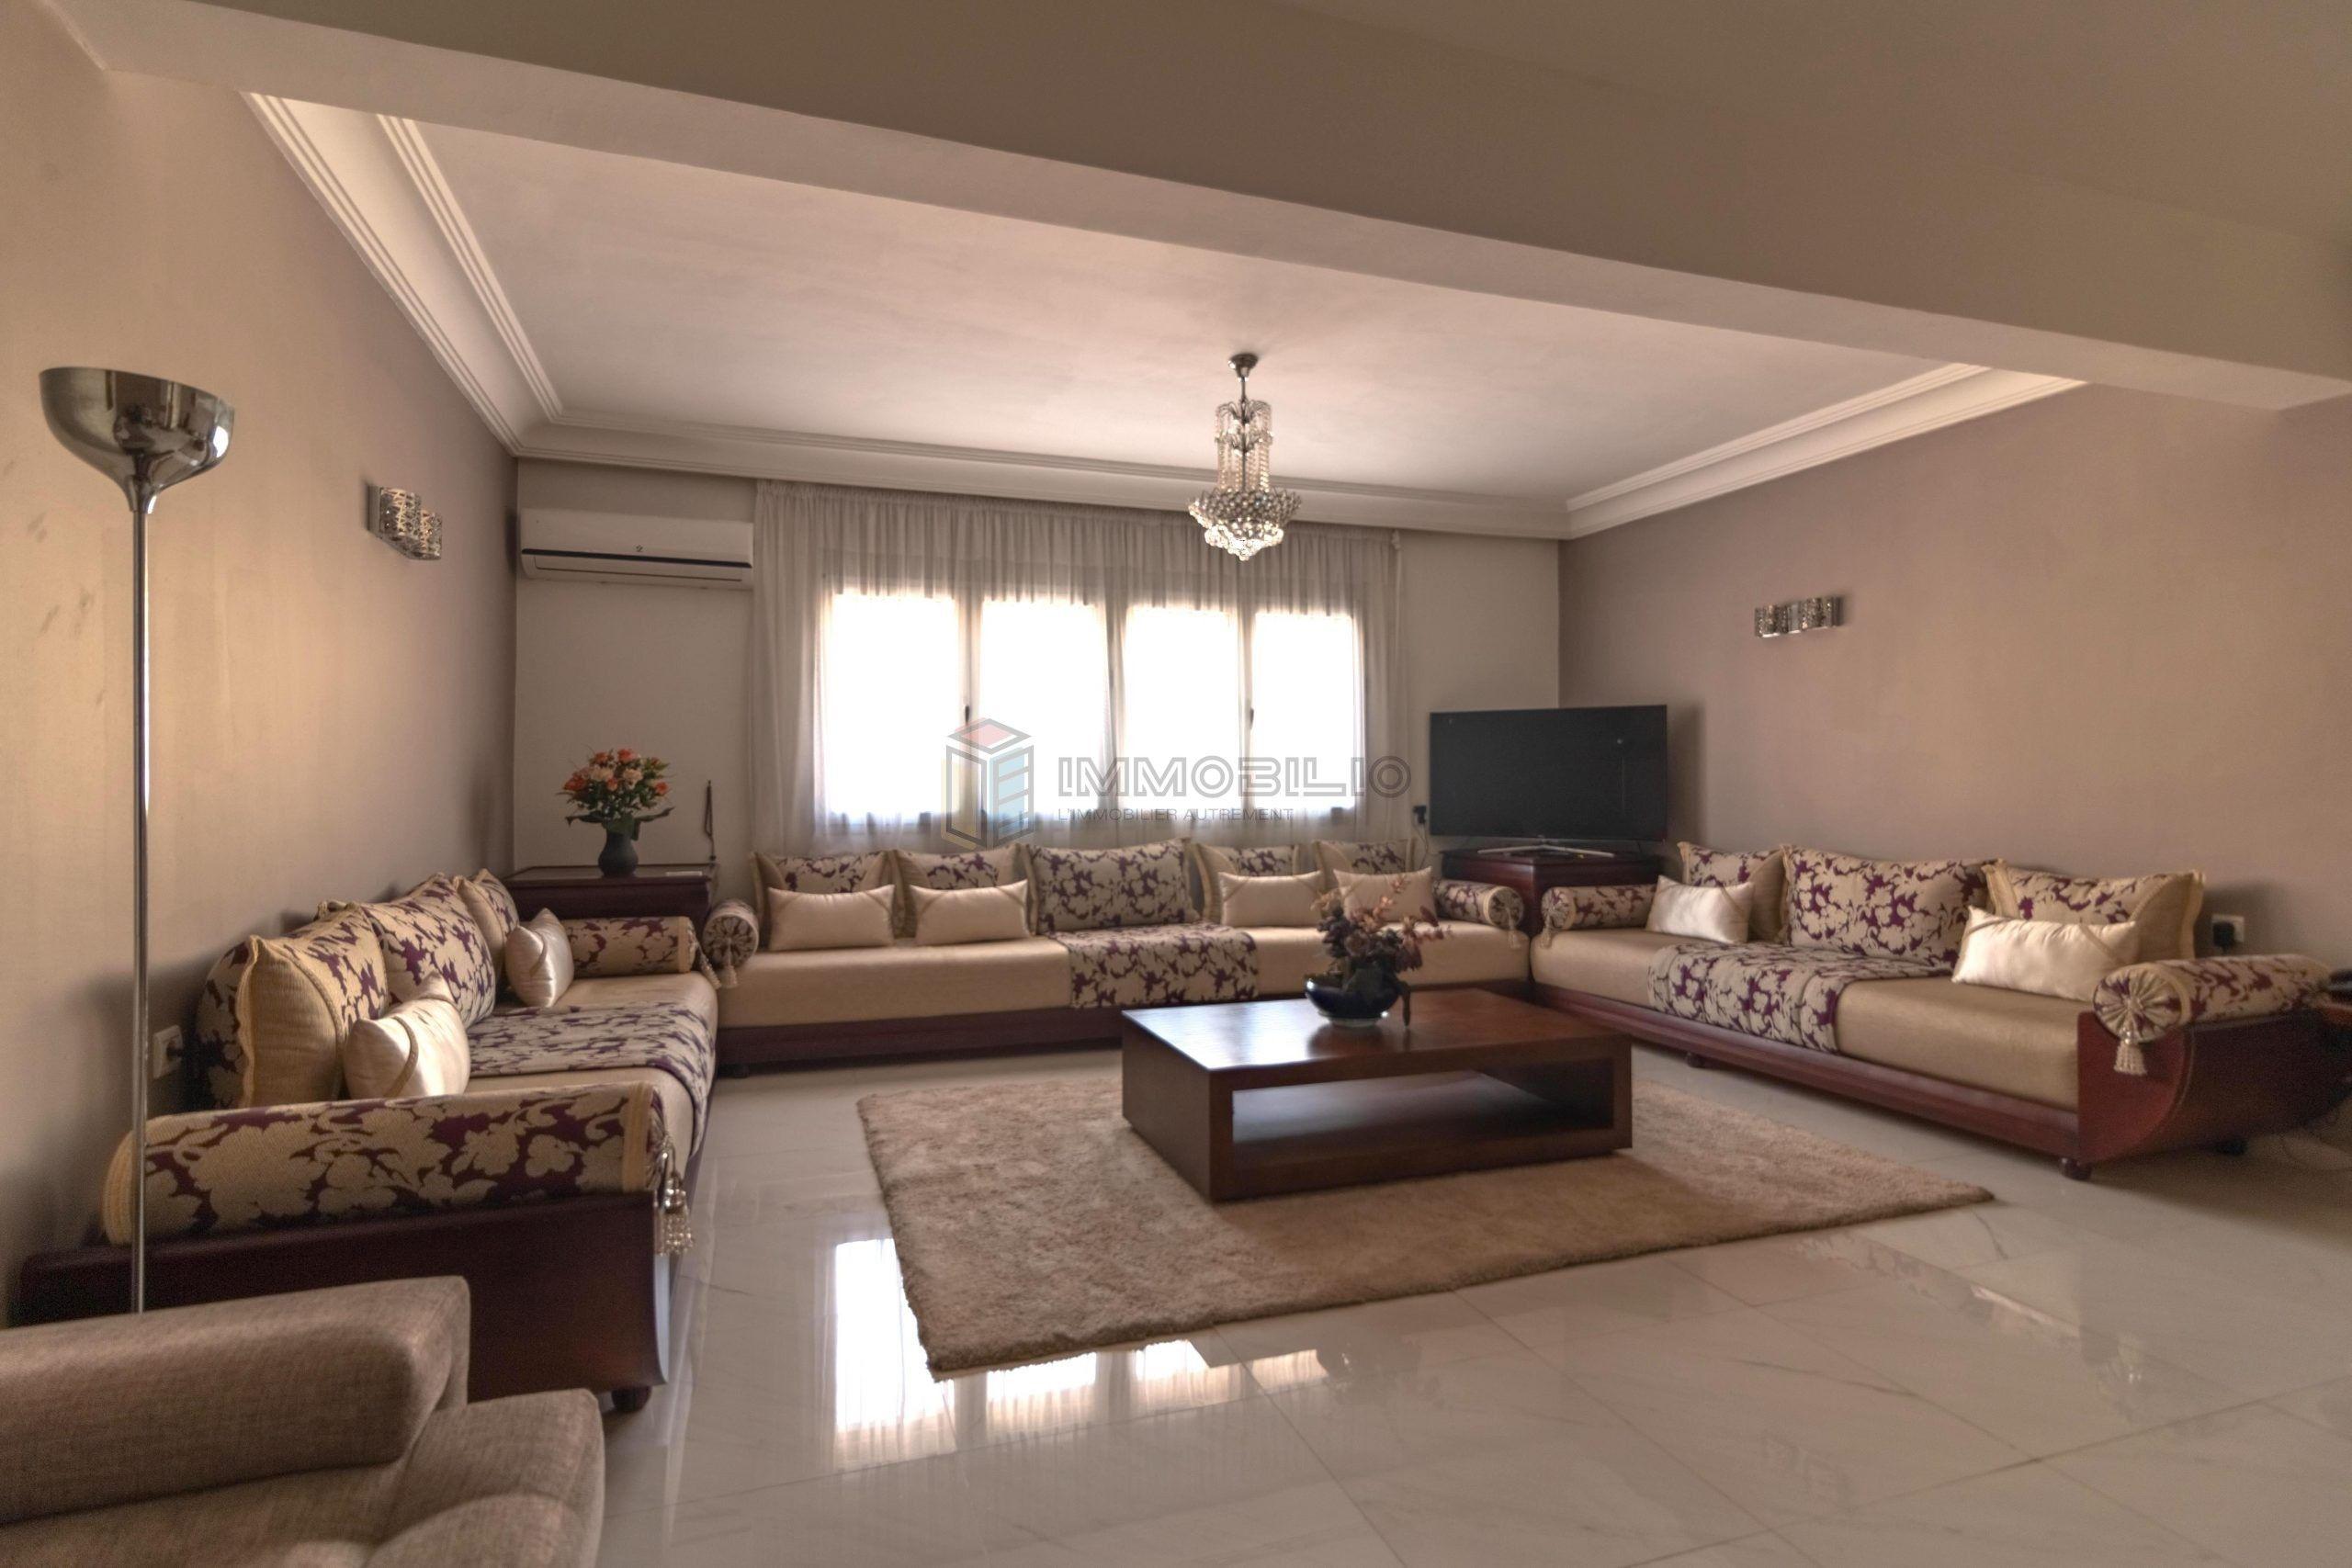 Appartement À Vendre Maarif Extension Casablanca Au Maroc Immobilio Ma Vendre Appartement Appartement Maroc Appartement